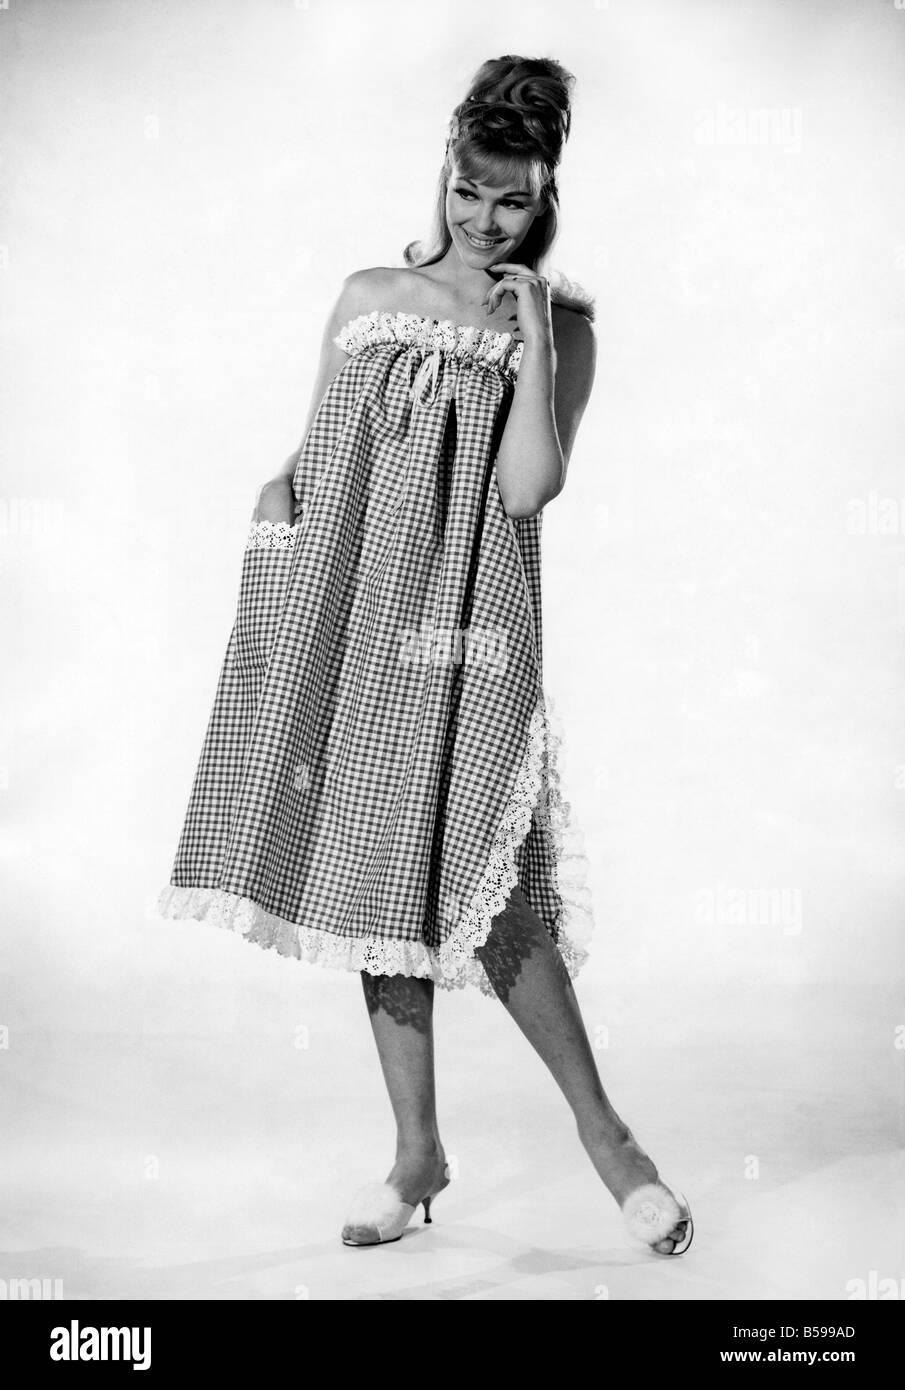 Diana de Moda: Jo Waring. Vestida de tres cuartos de longitud vestido de noche. Agosto de 1964 P007605 Imagen De Stock